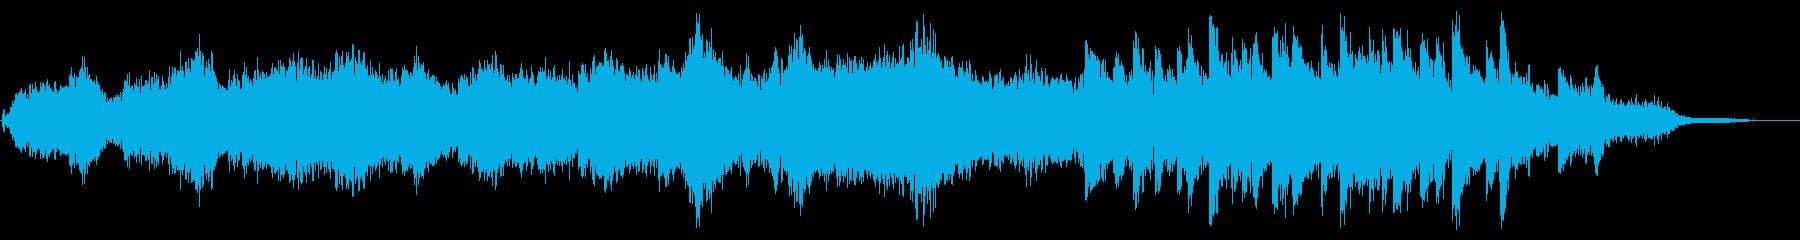 オーケストラ風の環境音楽の再生済みの波形